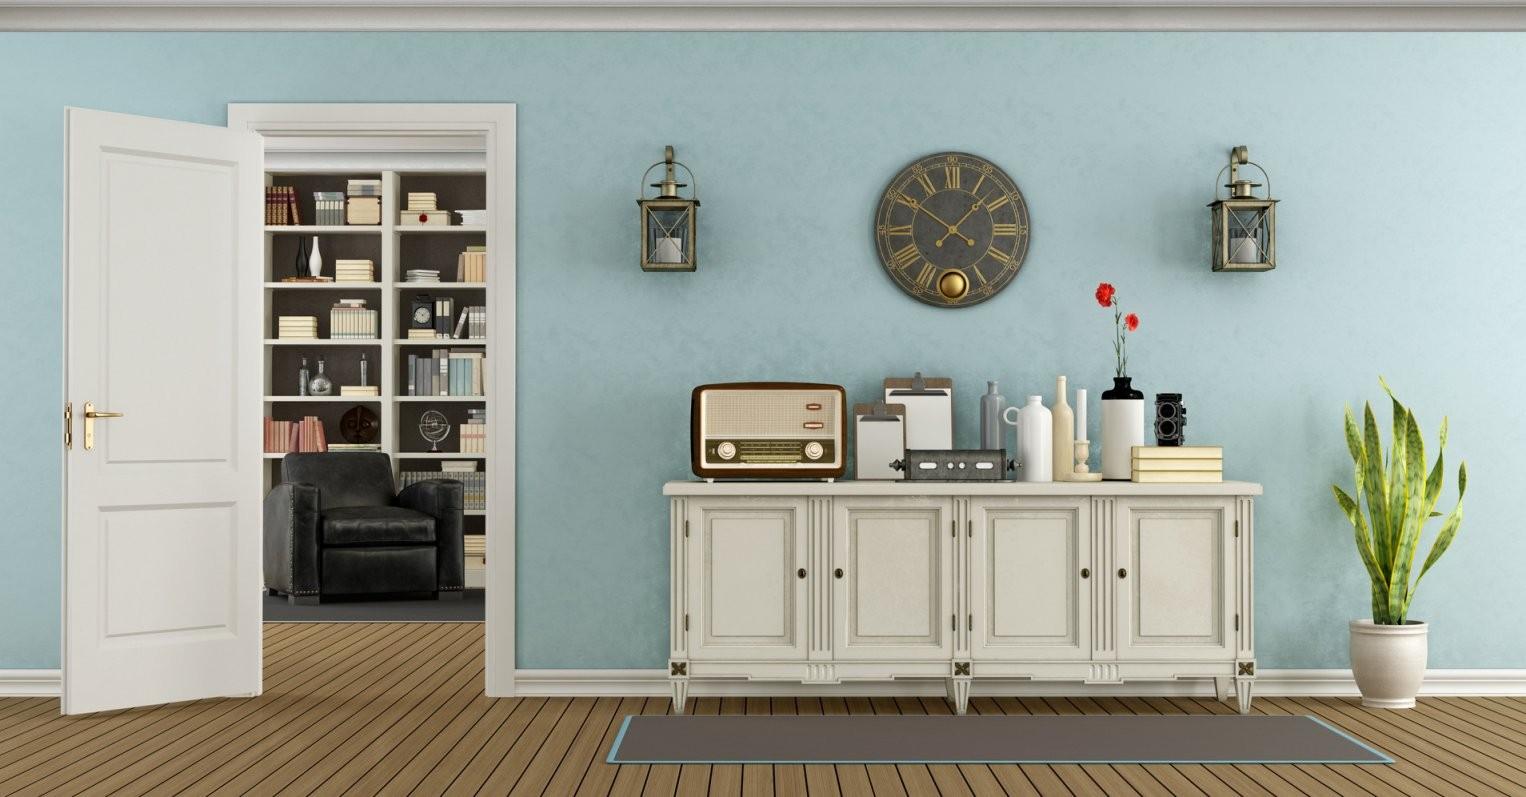 Schöner Wohnen Mit Farbe 5 Tipps Für Den Richtigen Farbmix von Schöner Wohnen Schlafzimmer Farbe Photo